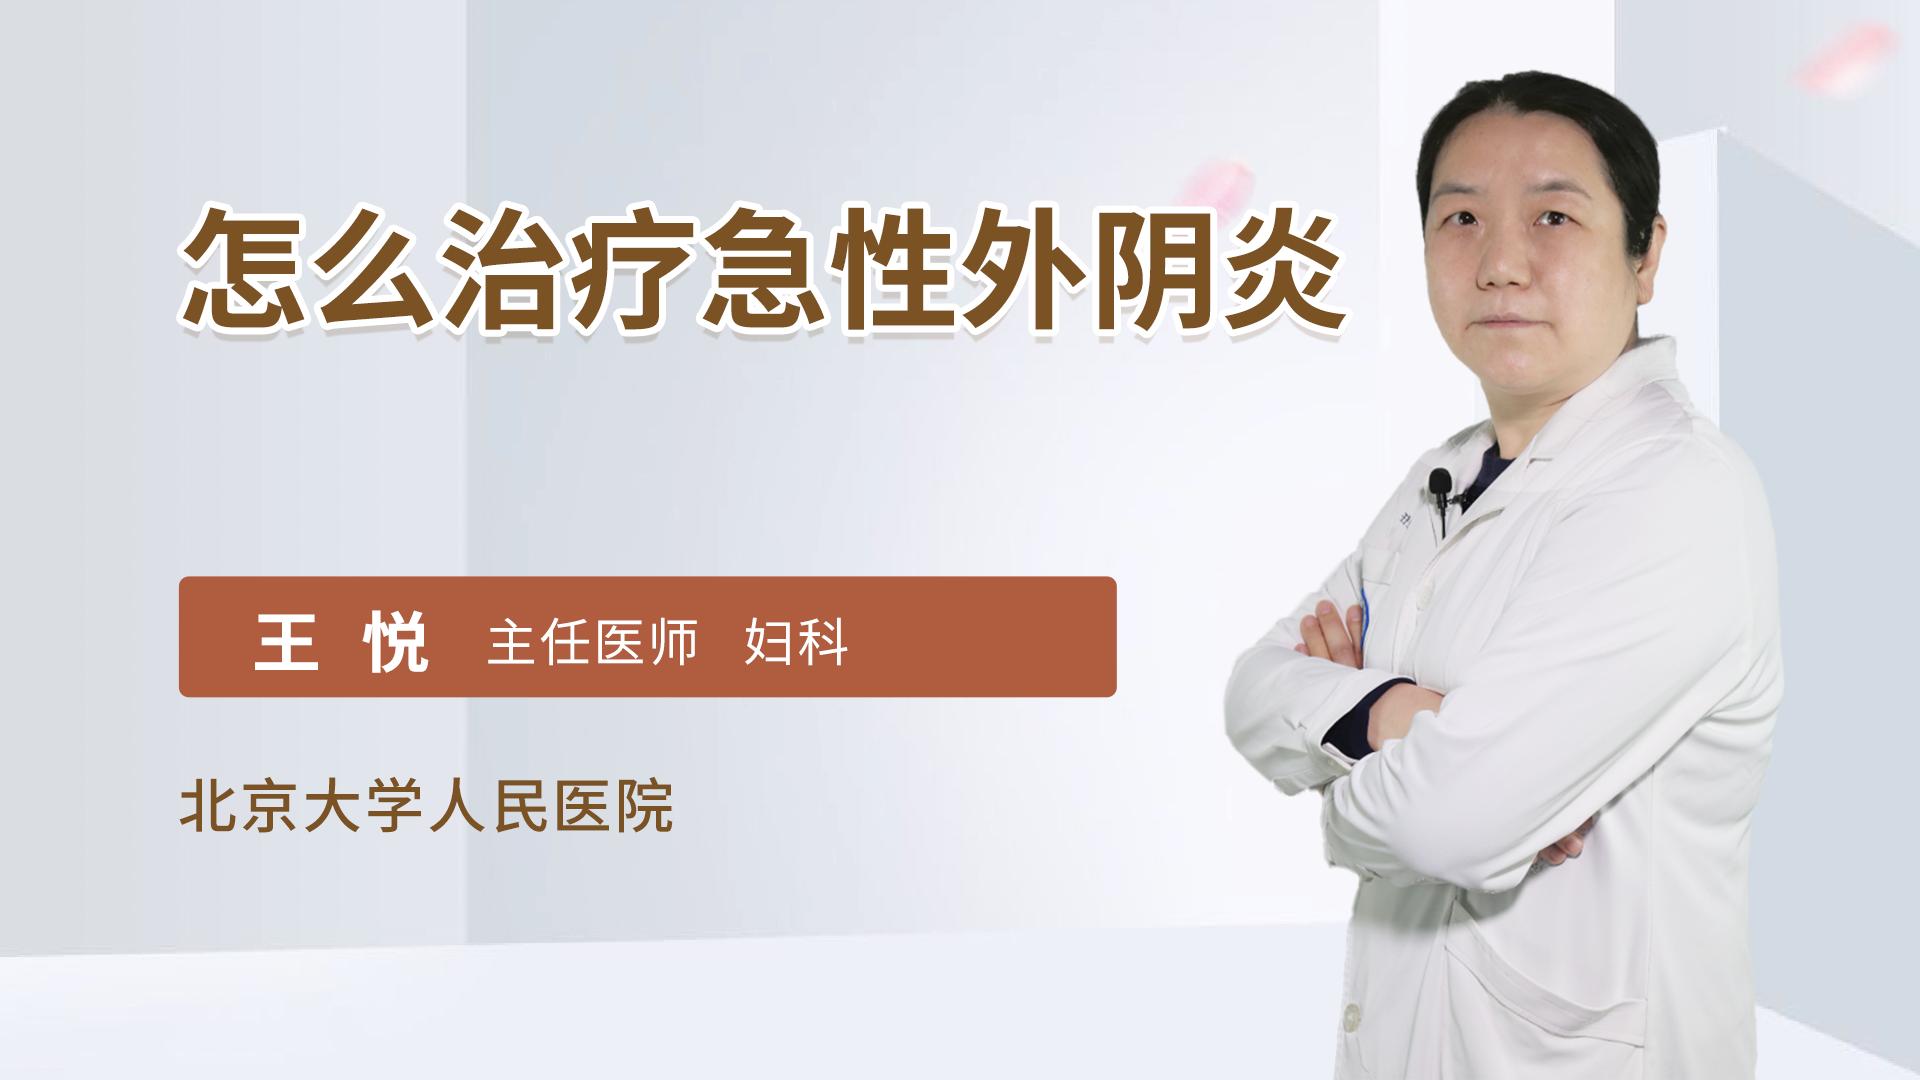 怎么治疗急性外阴炎